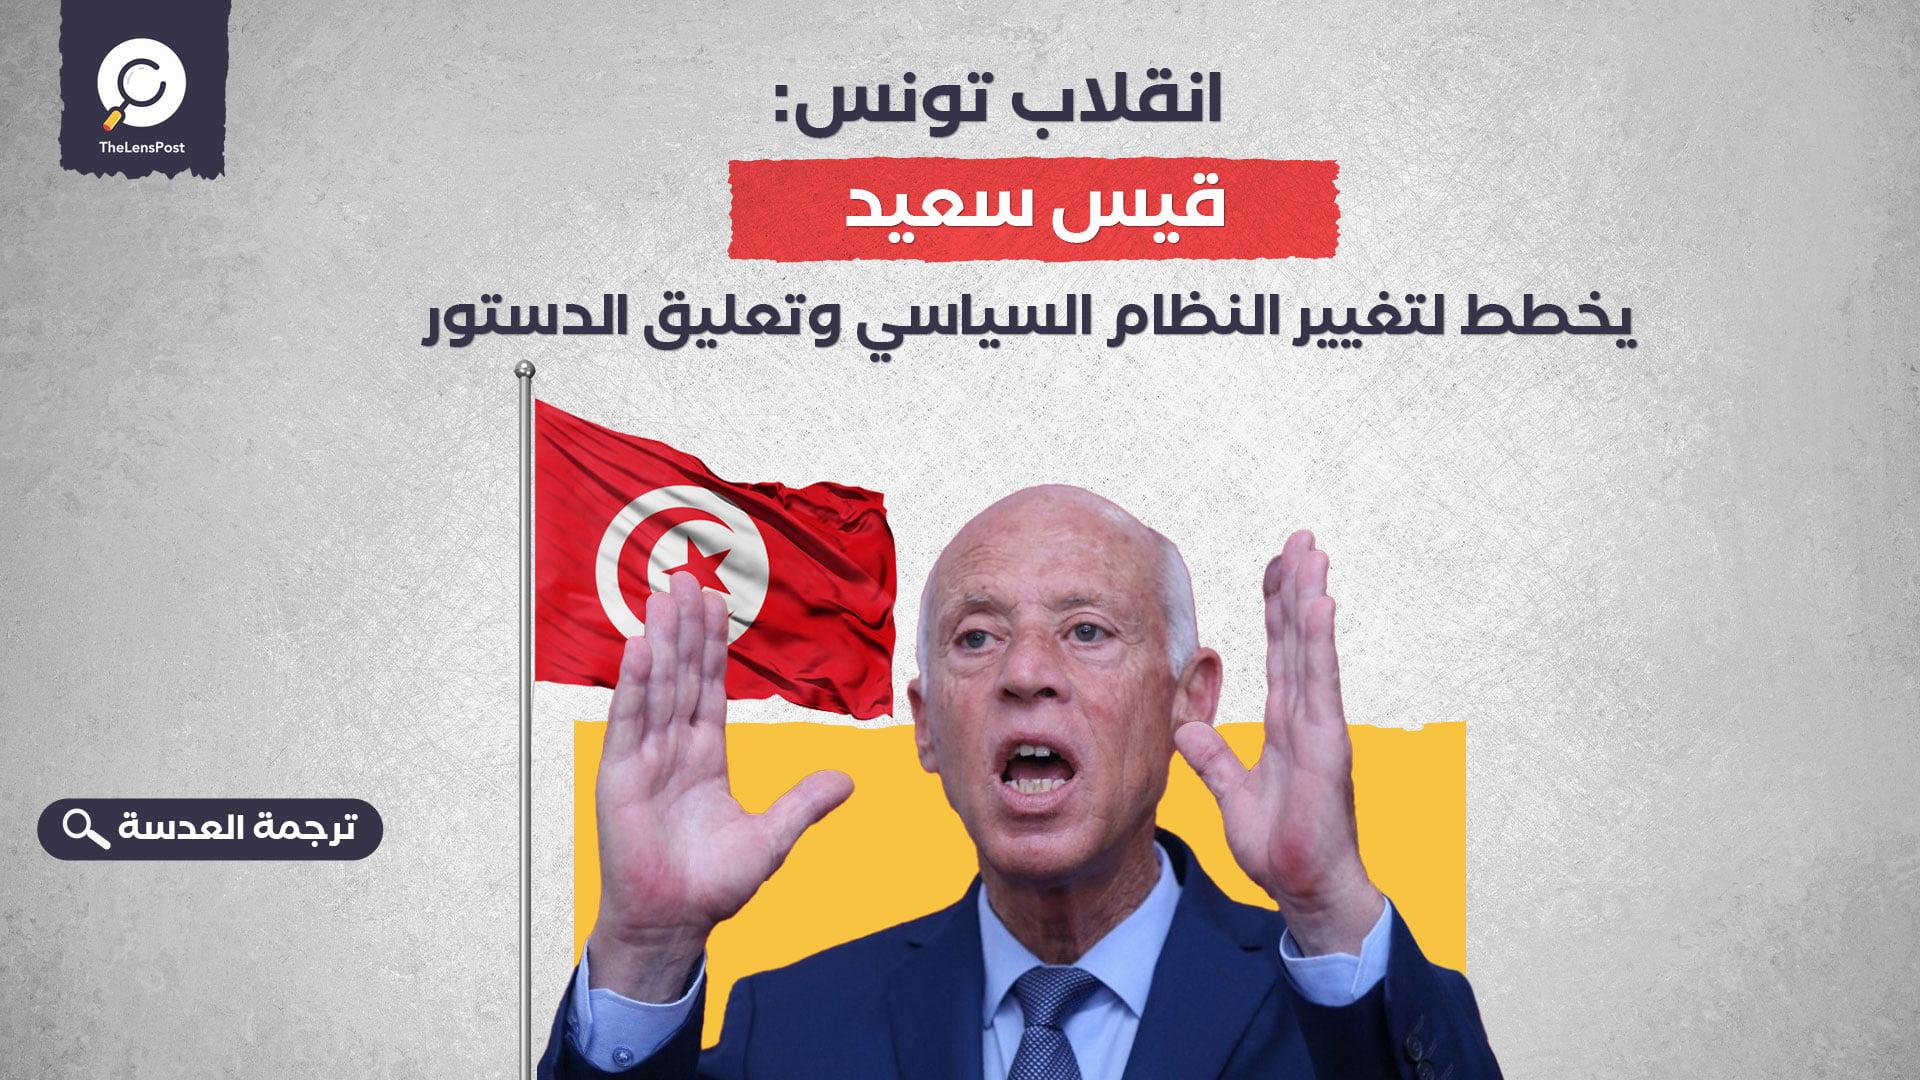 انقلاب تونس: قيس سعيد يخطط لتغيير النظام السياسي وتعليق الدستور